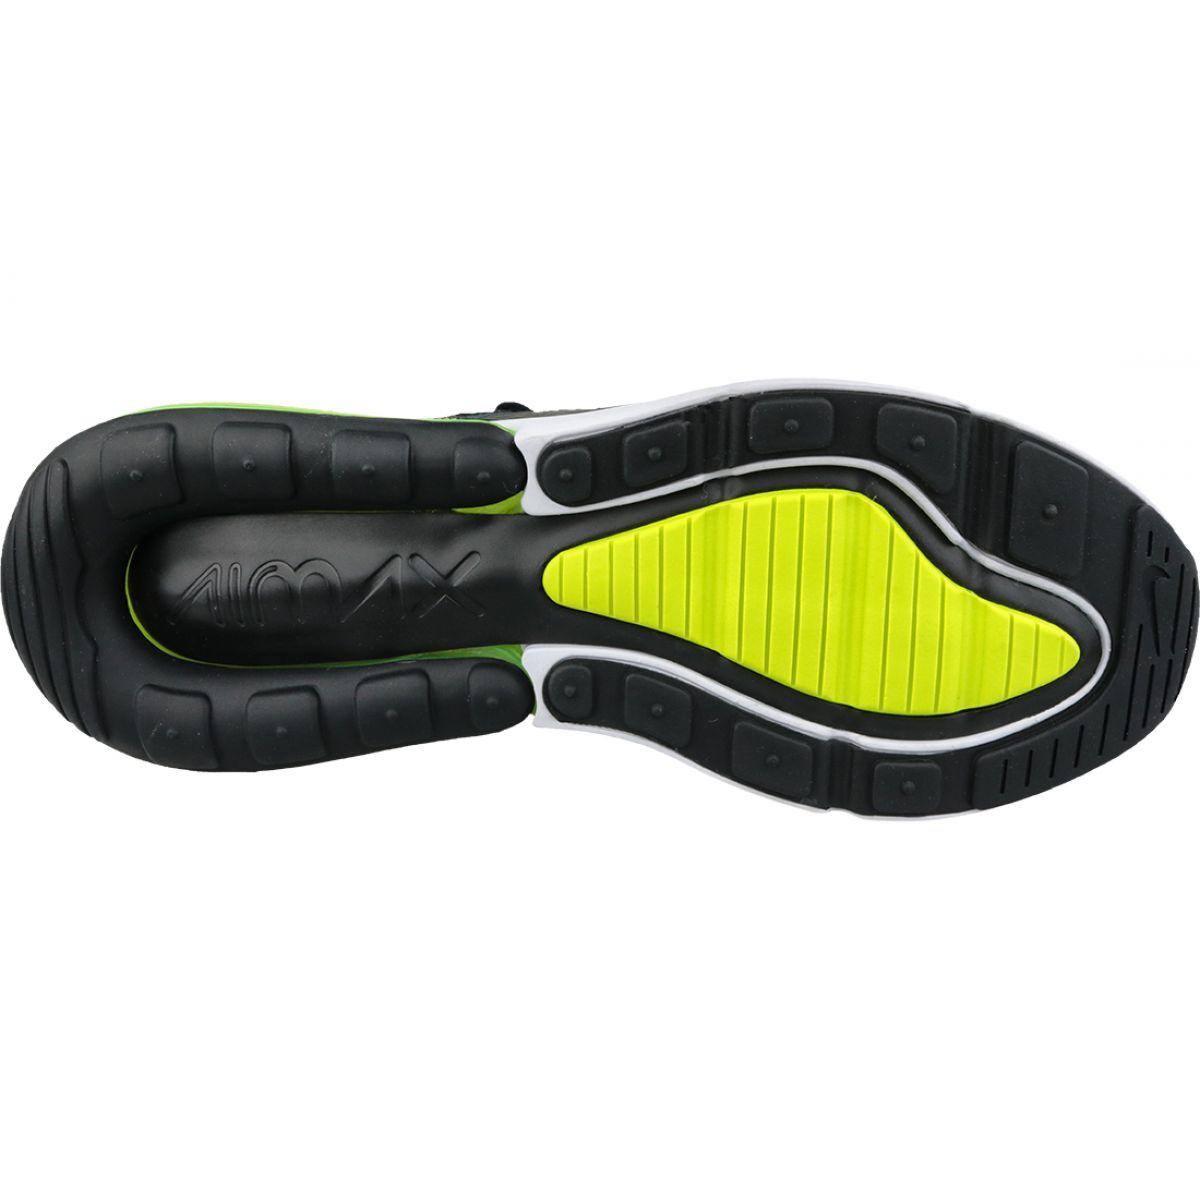 Noir Chaussures Nike Air Max 270 M AQ9164 005